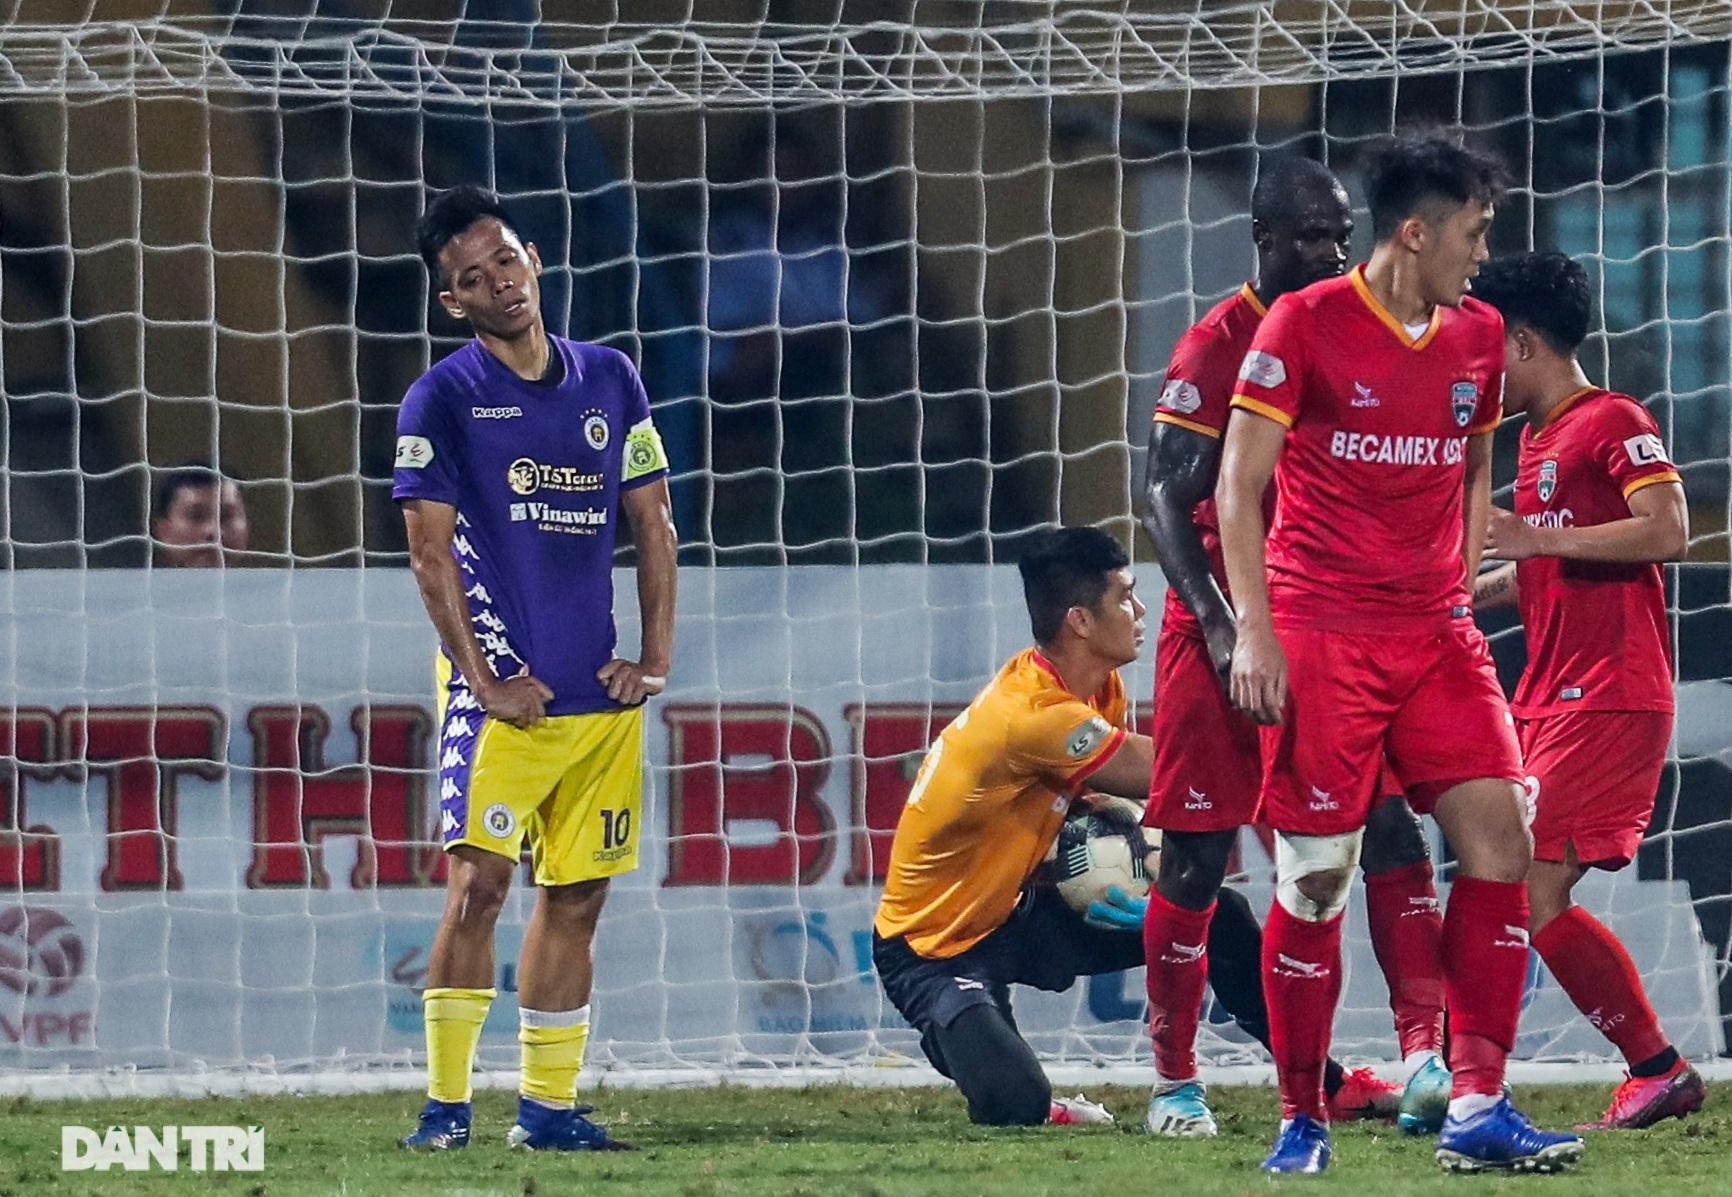 Lập công ở phút 90, Quang Hải đưa CLB Hà Nội lên ngôi đầu V-League - 7